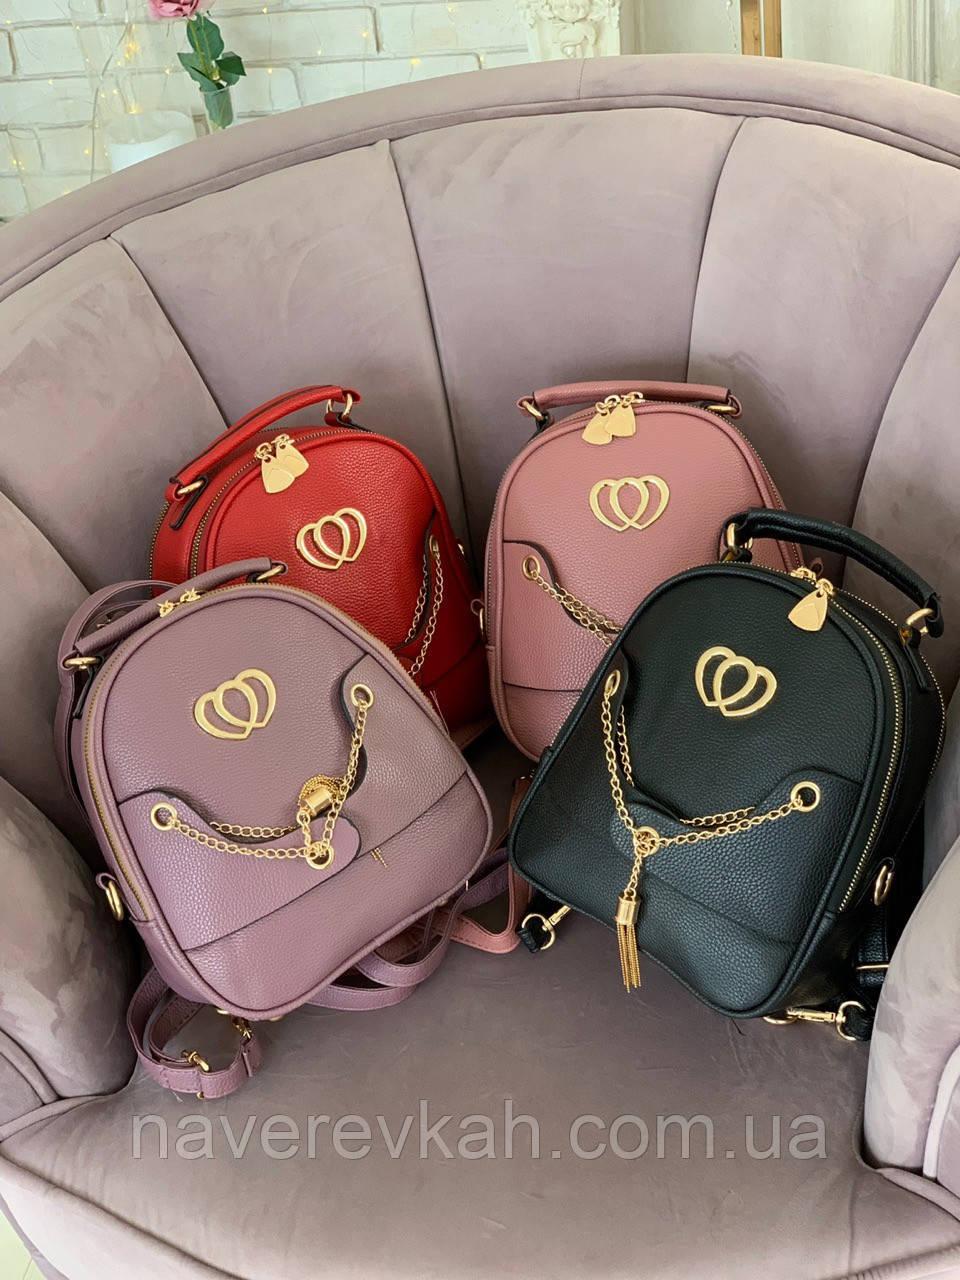 Женский рюкзак эко кожа PU чёрный розовый сиреневый красный 22х19